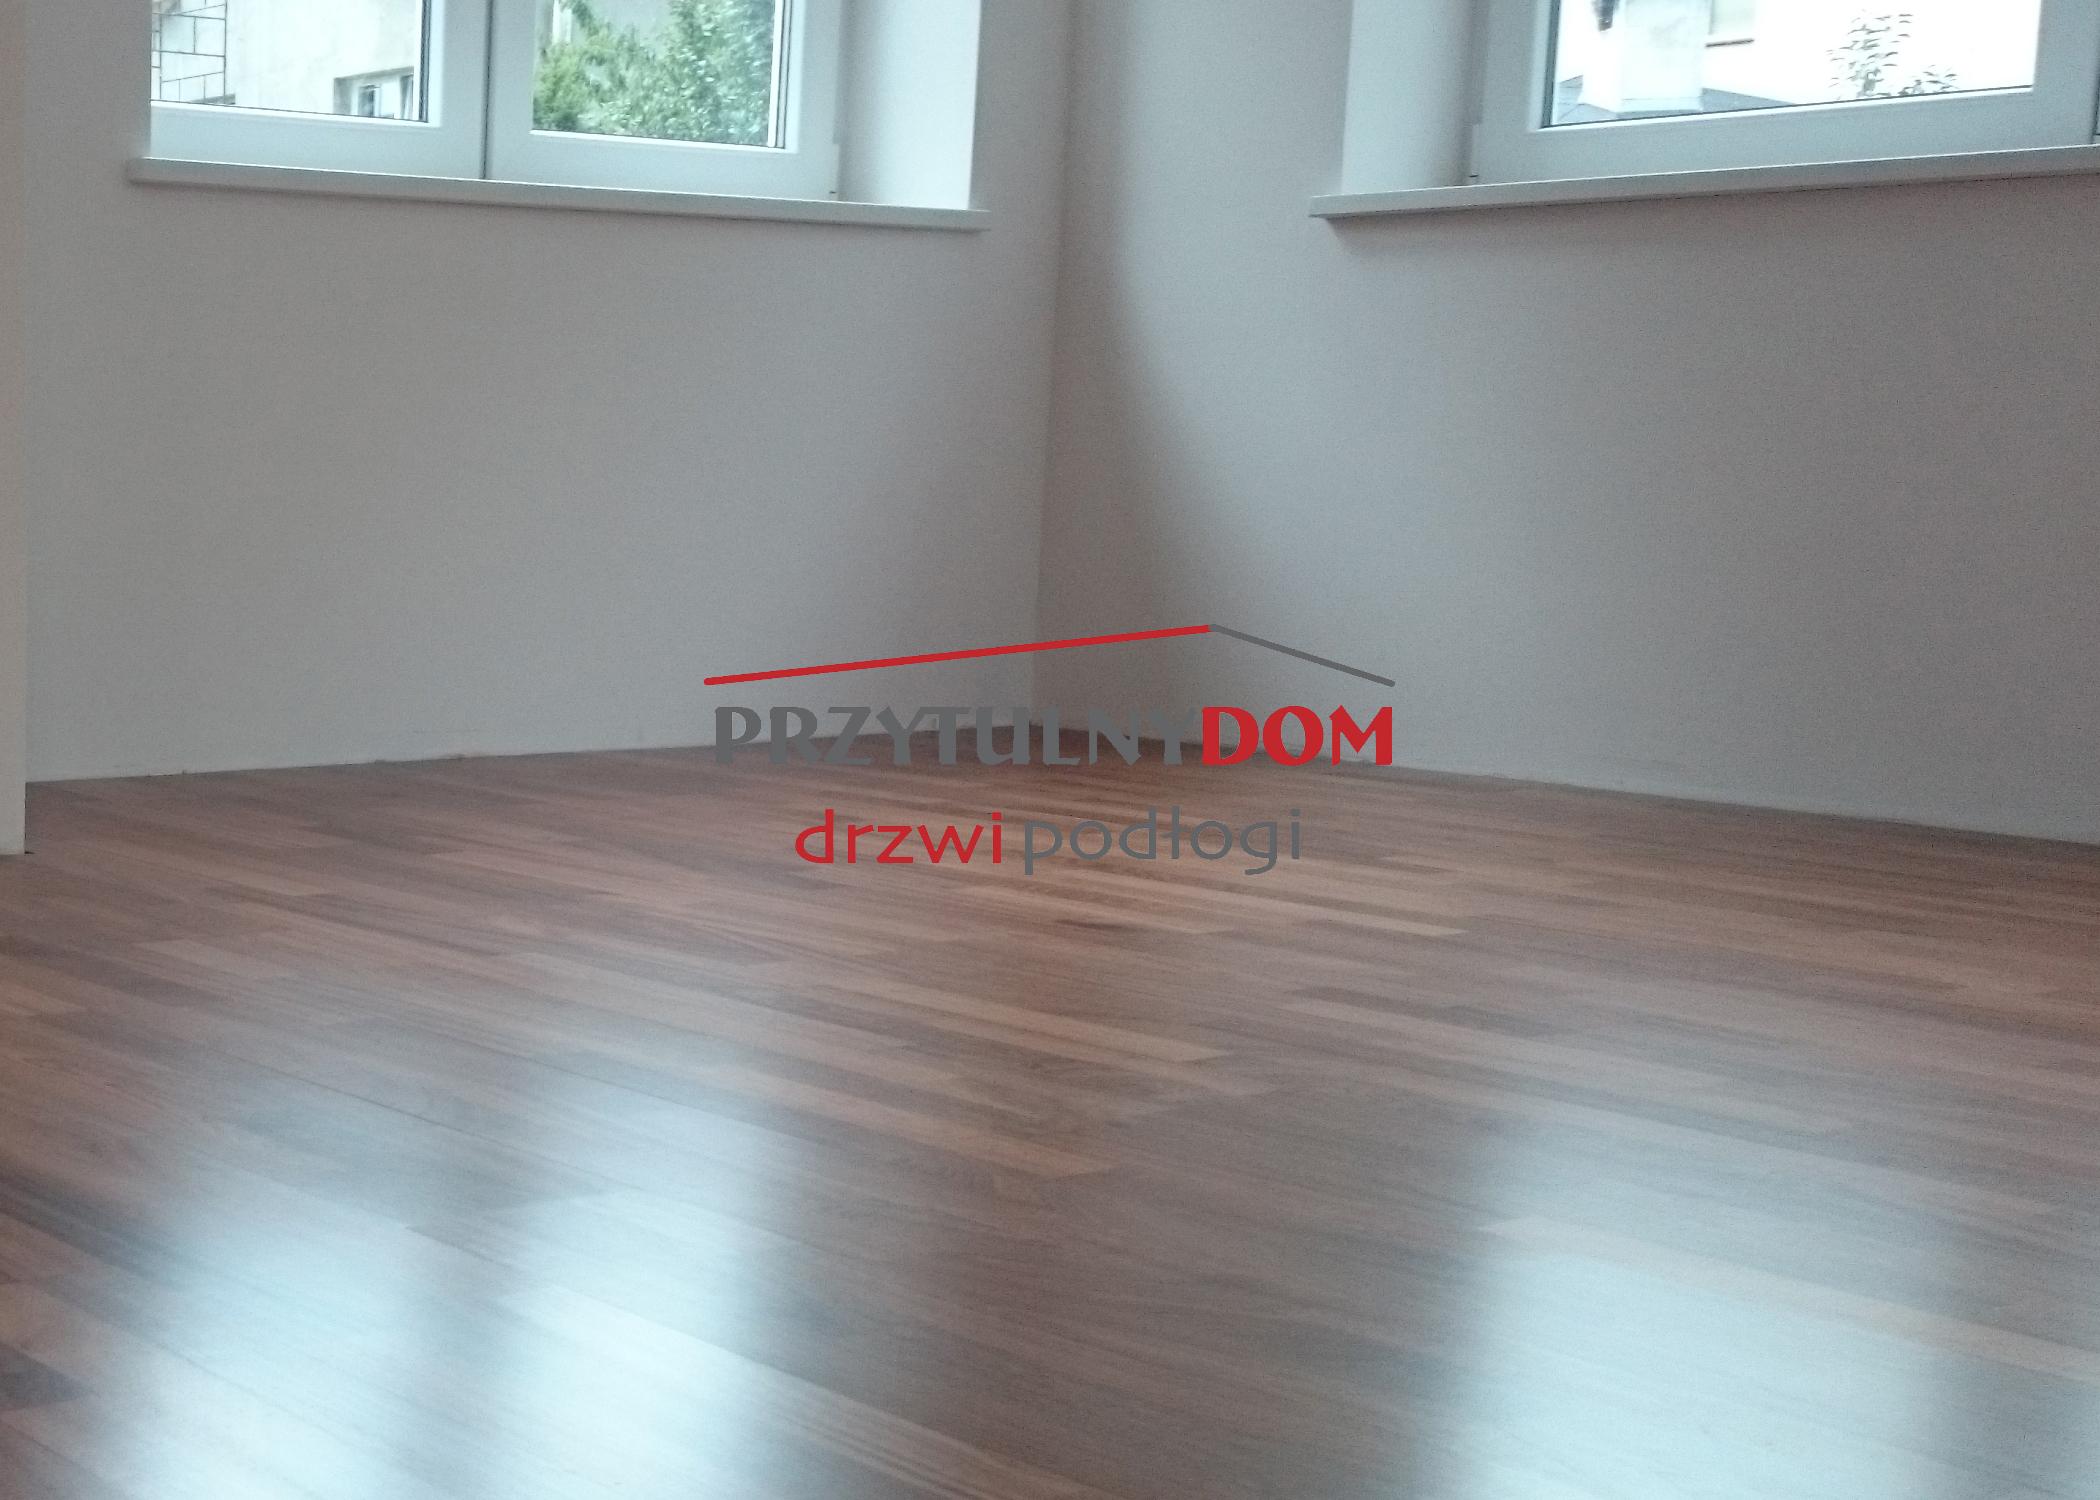 baltic wood sapella 3R lakier półmat